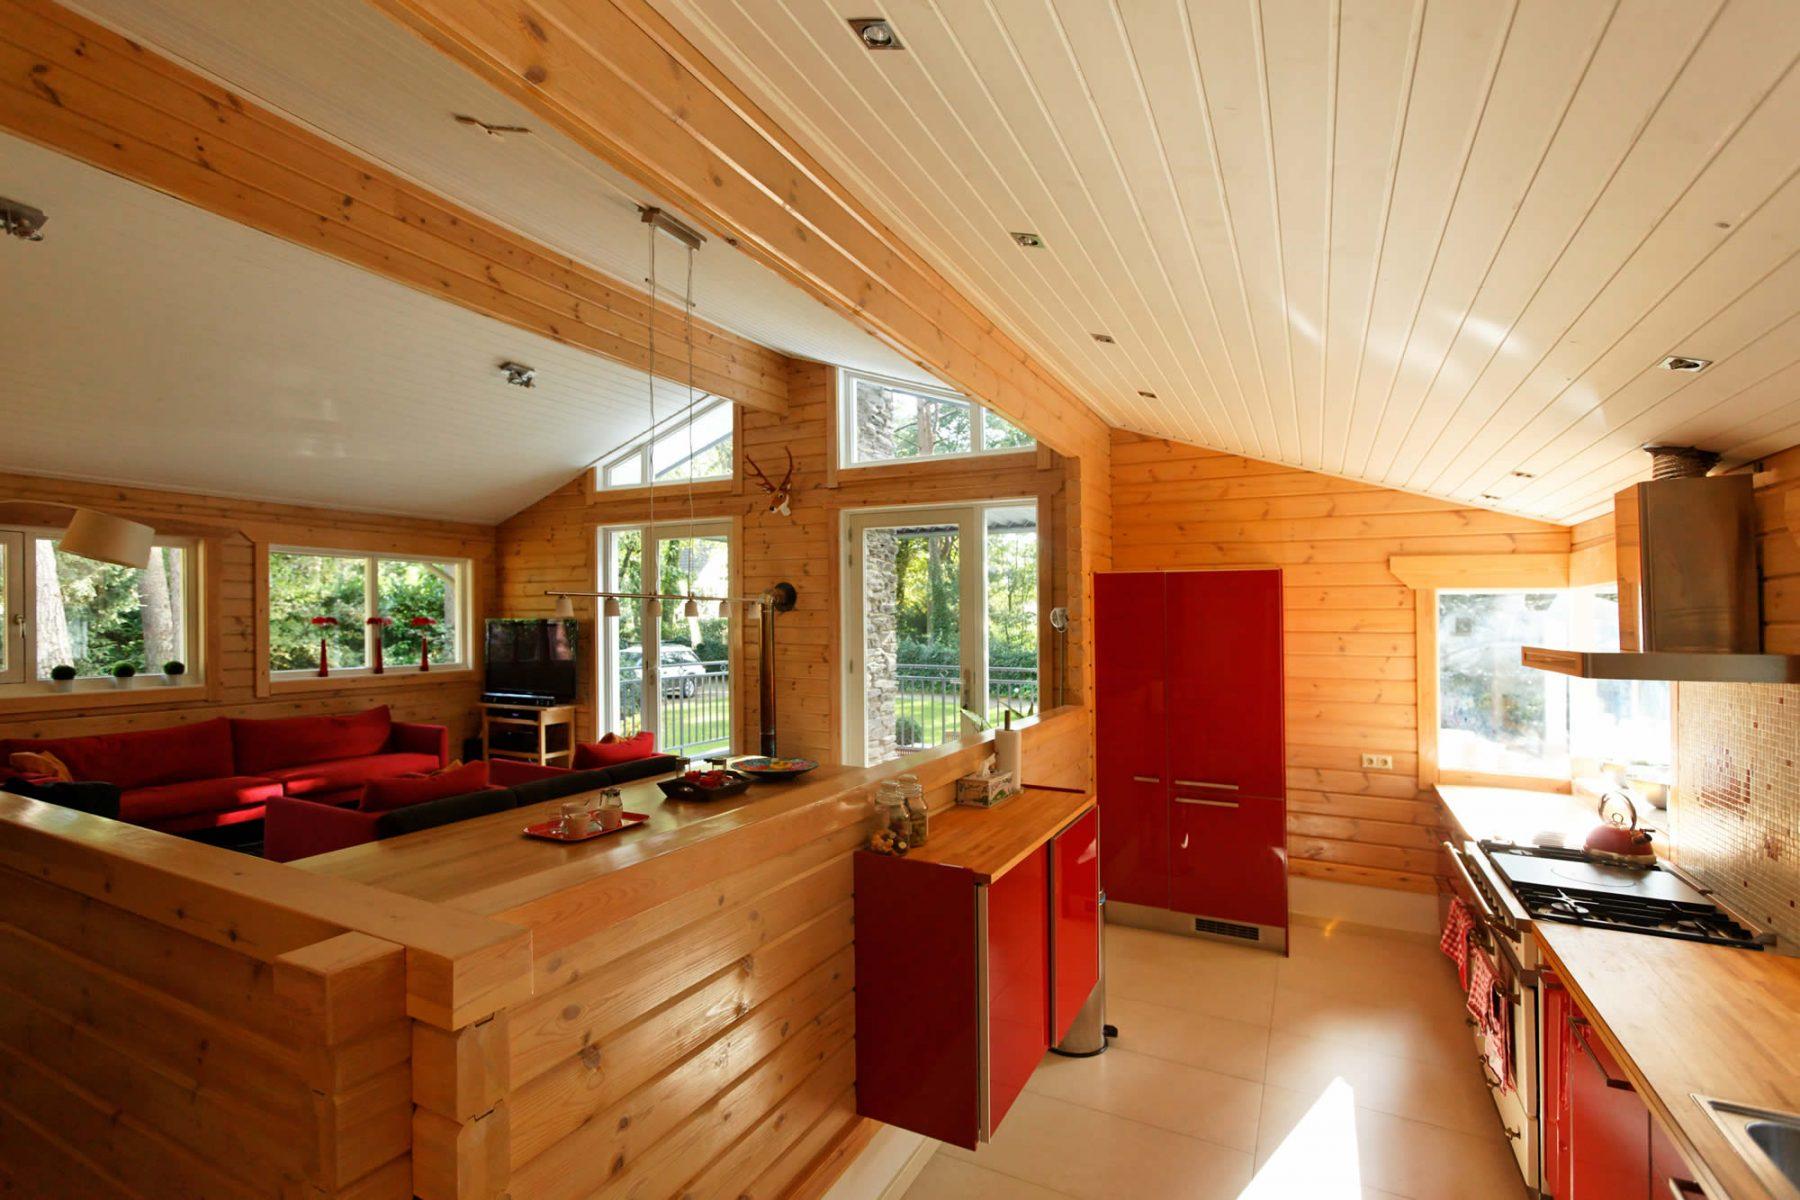 De open keuken heeft een halve wand als afscheiding van de woonkamer